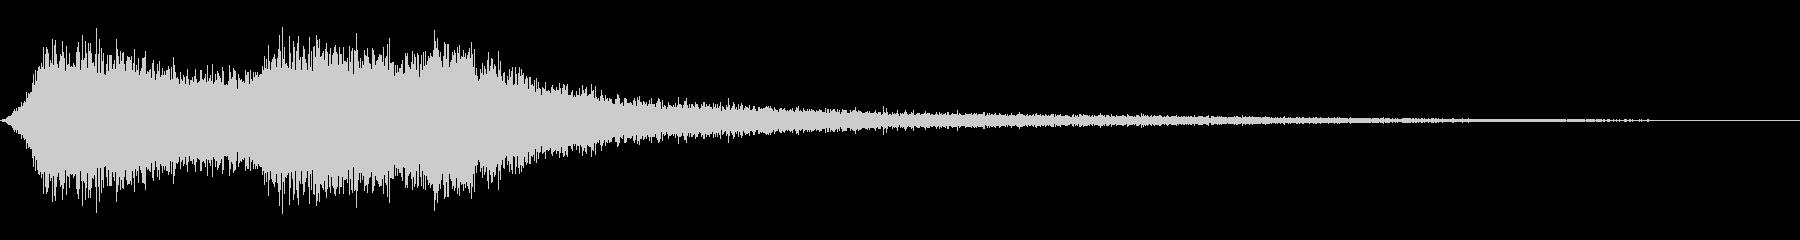 シンバル5フライバイの未再生の波形